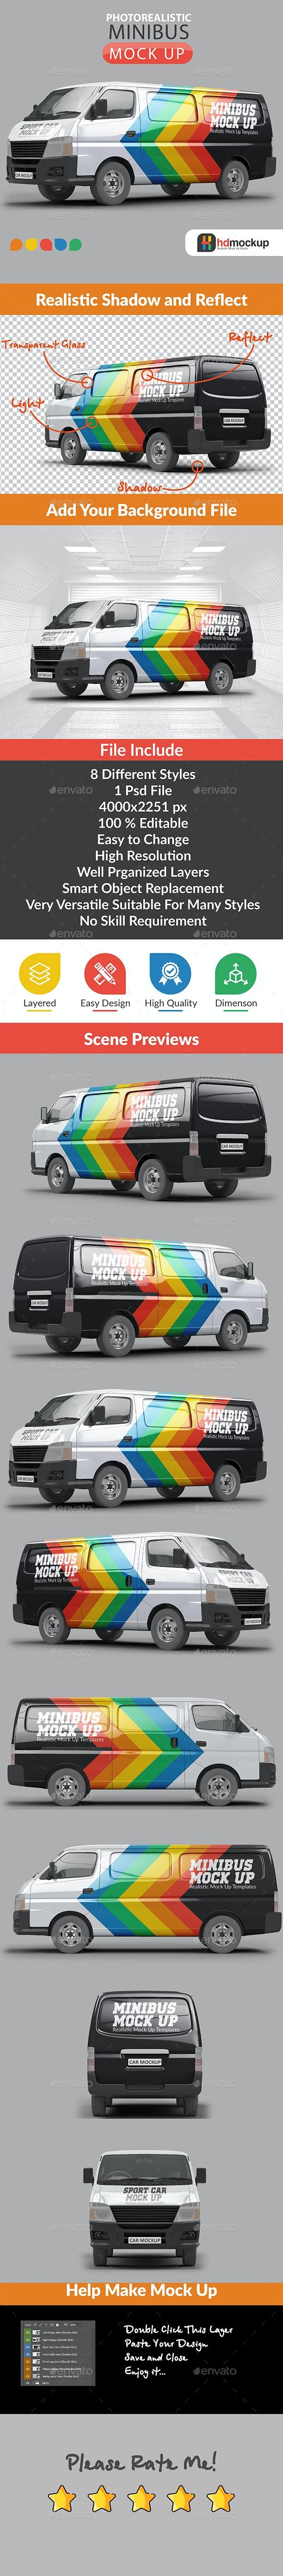 Photorealistic Minibus Car Mock Up - Vehicle Wraps Print